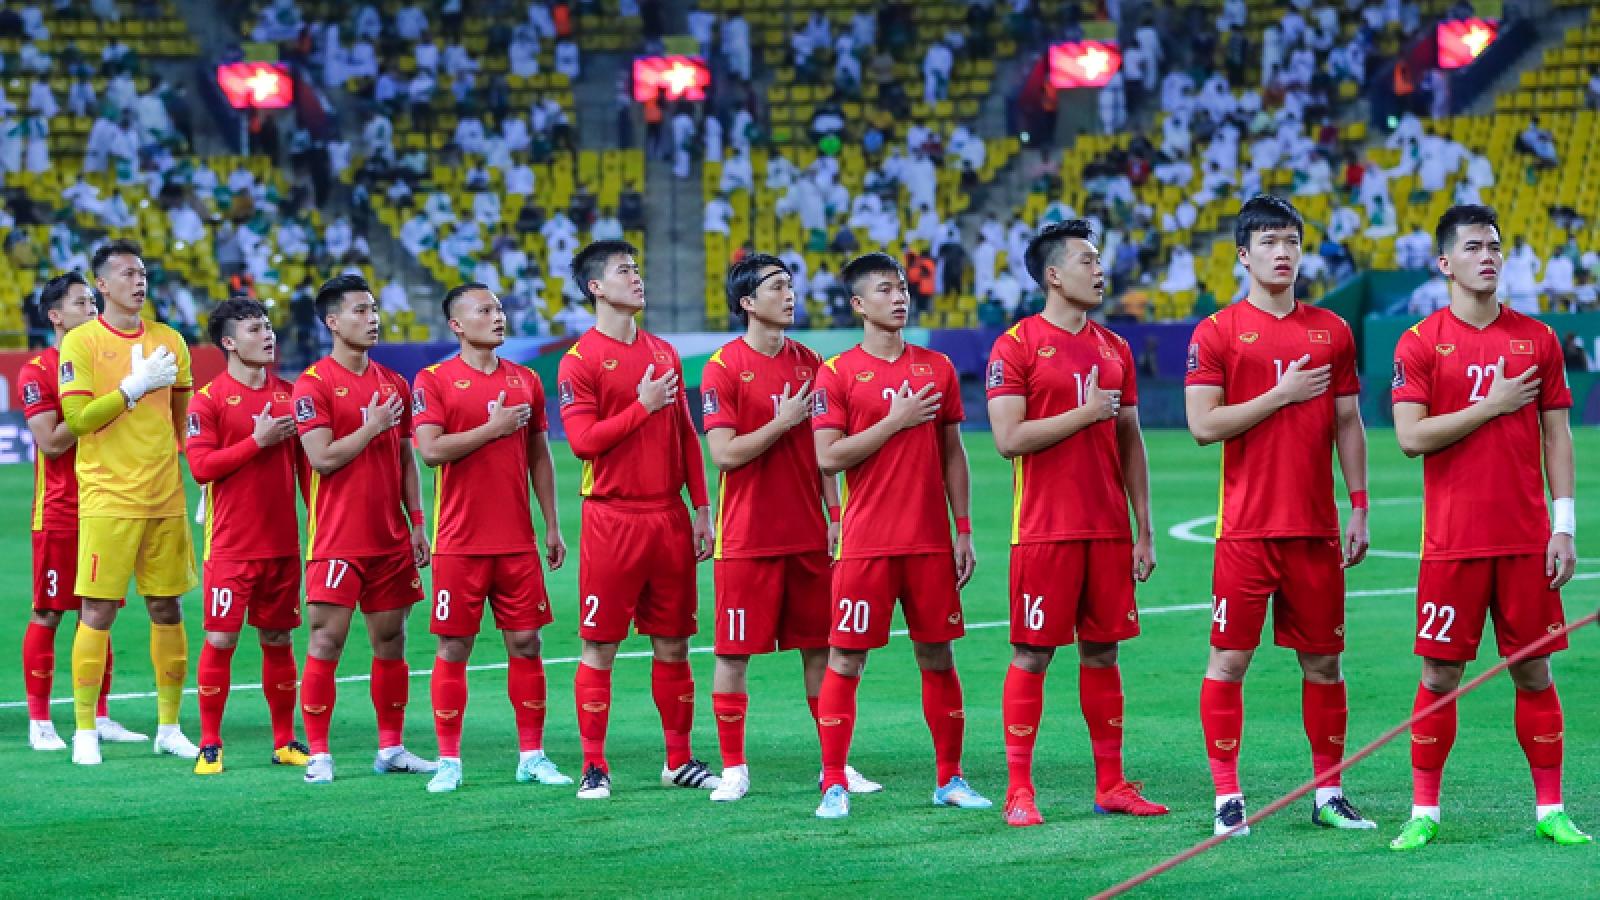 Lịch thi đấu của ĐT Việt Nam tại AFF Cup 2020